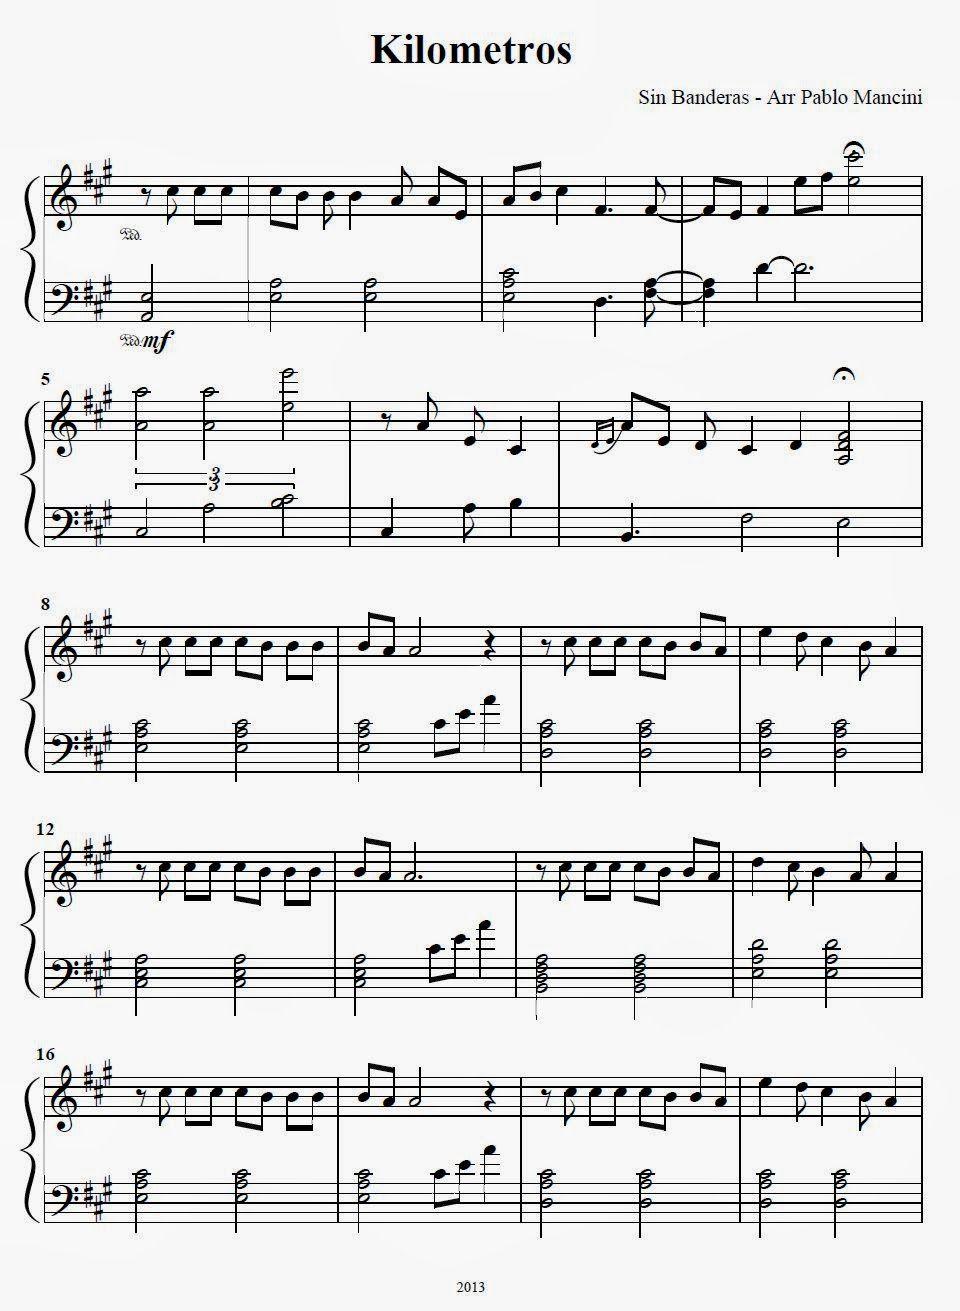 Partituras Ineditas Para Piano Kilometros Sin Bandera Partituras Partituras Acordeon Música De Piano